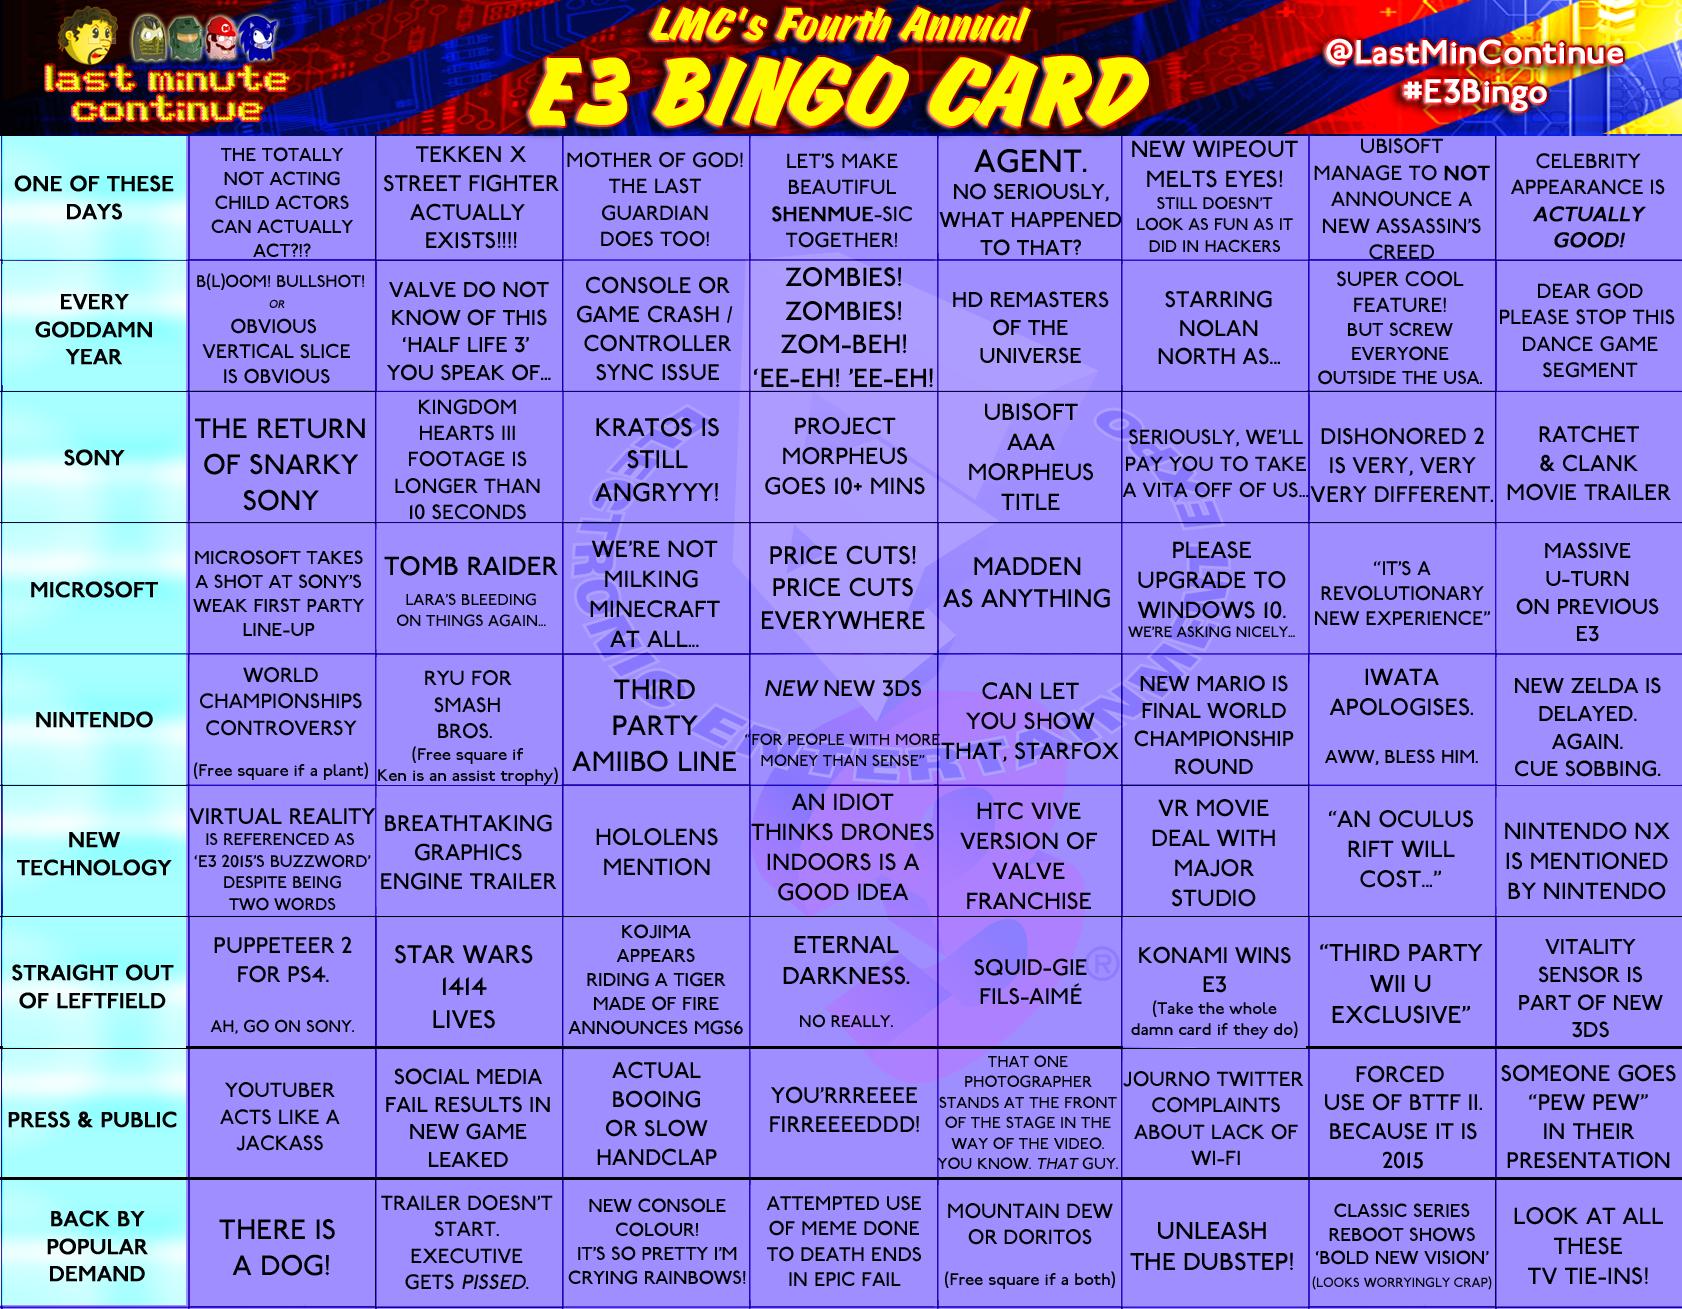 LMC E3 Bingo Card 2015